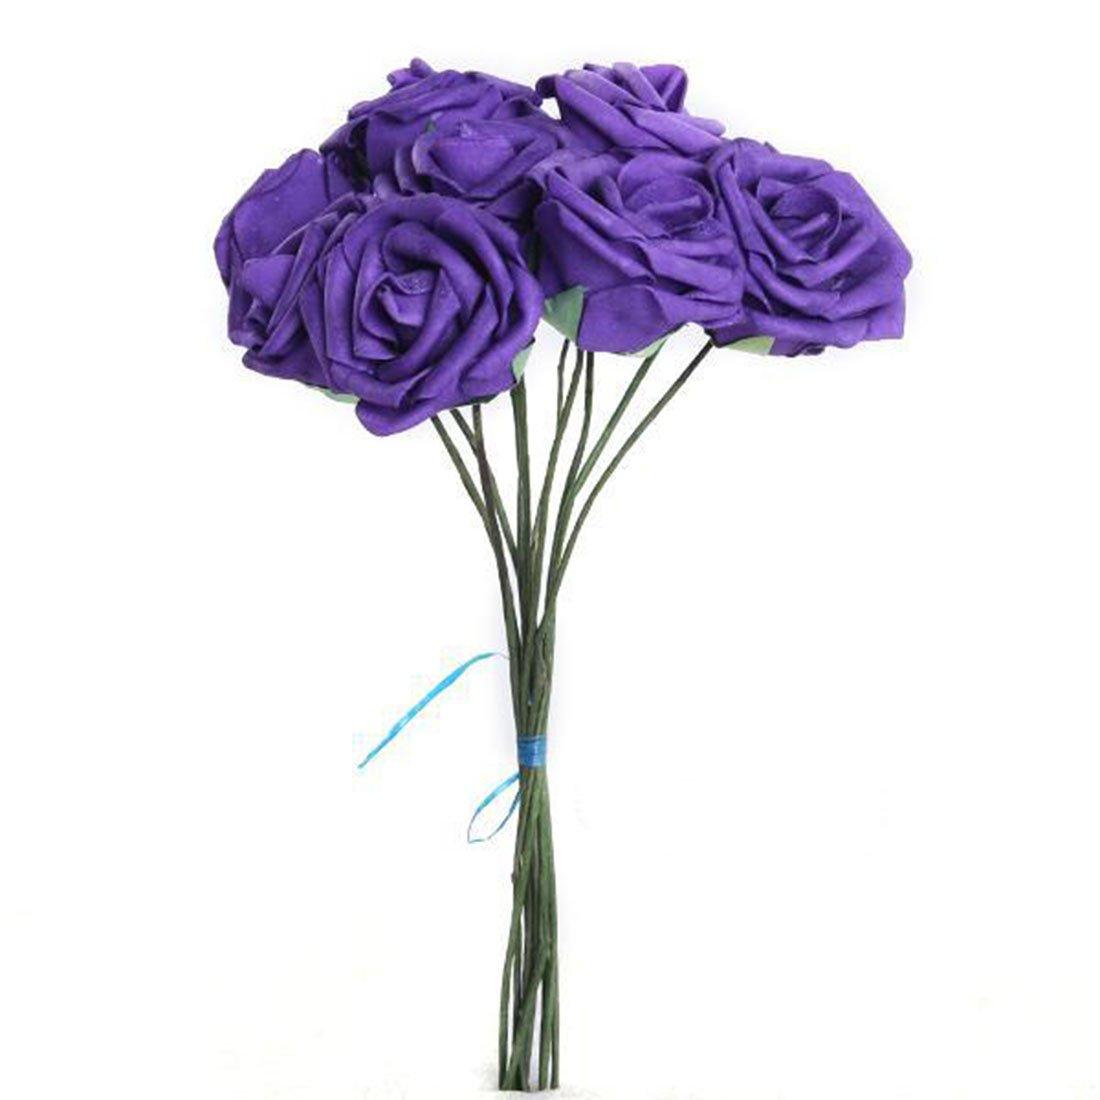 10Pcs Artificial Flower Foam Rose Wedding Bridesmaid Bridal Bouquet Party Decor Purple/&5.5Cm by LovelyLifeAST